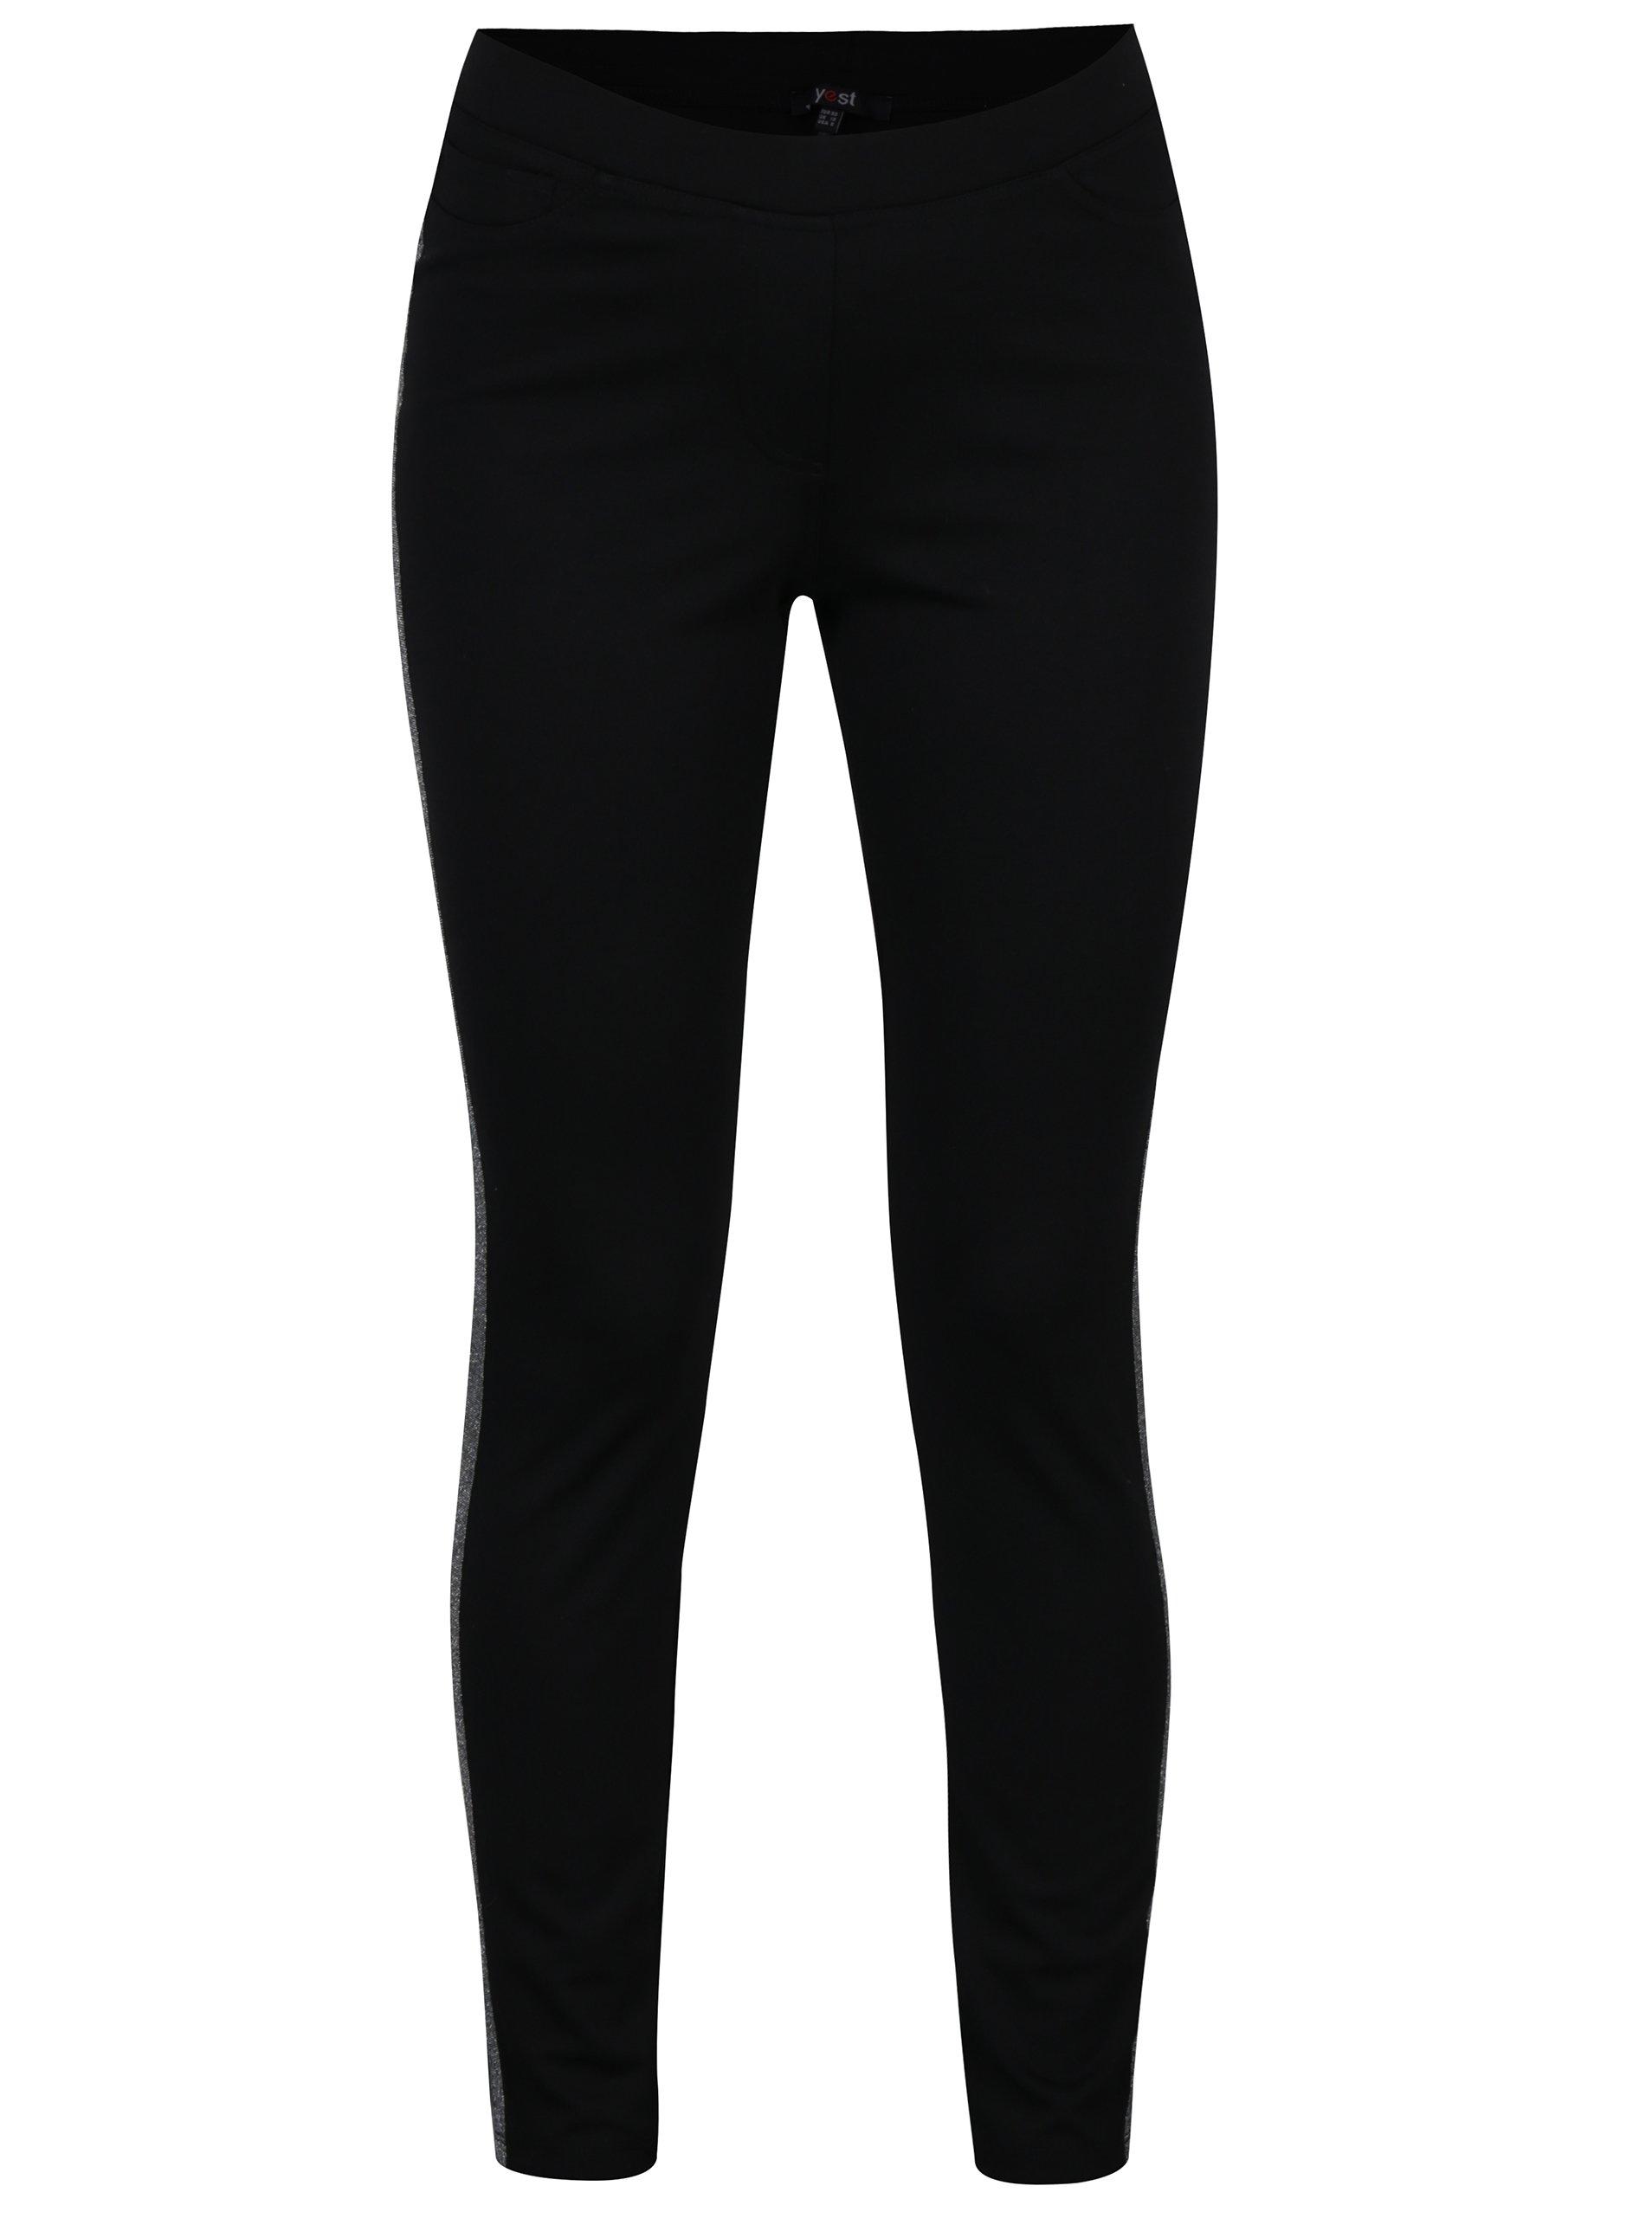 Černé elastické kalhoty s pruhem ve stříbrné barvě Yest